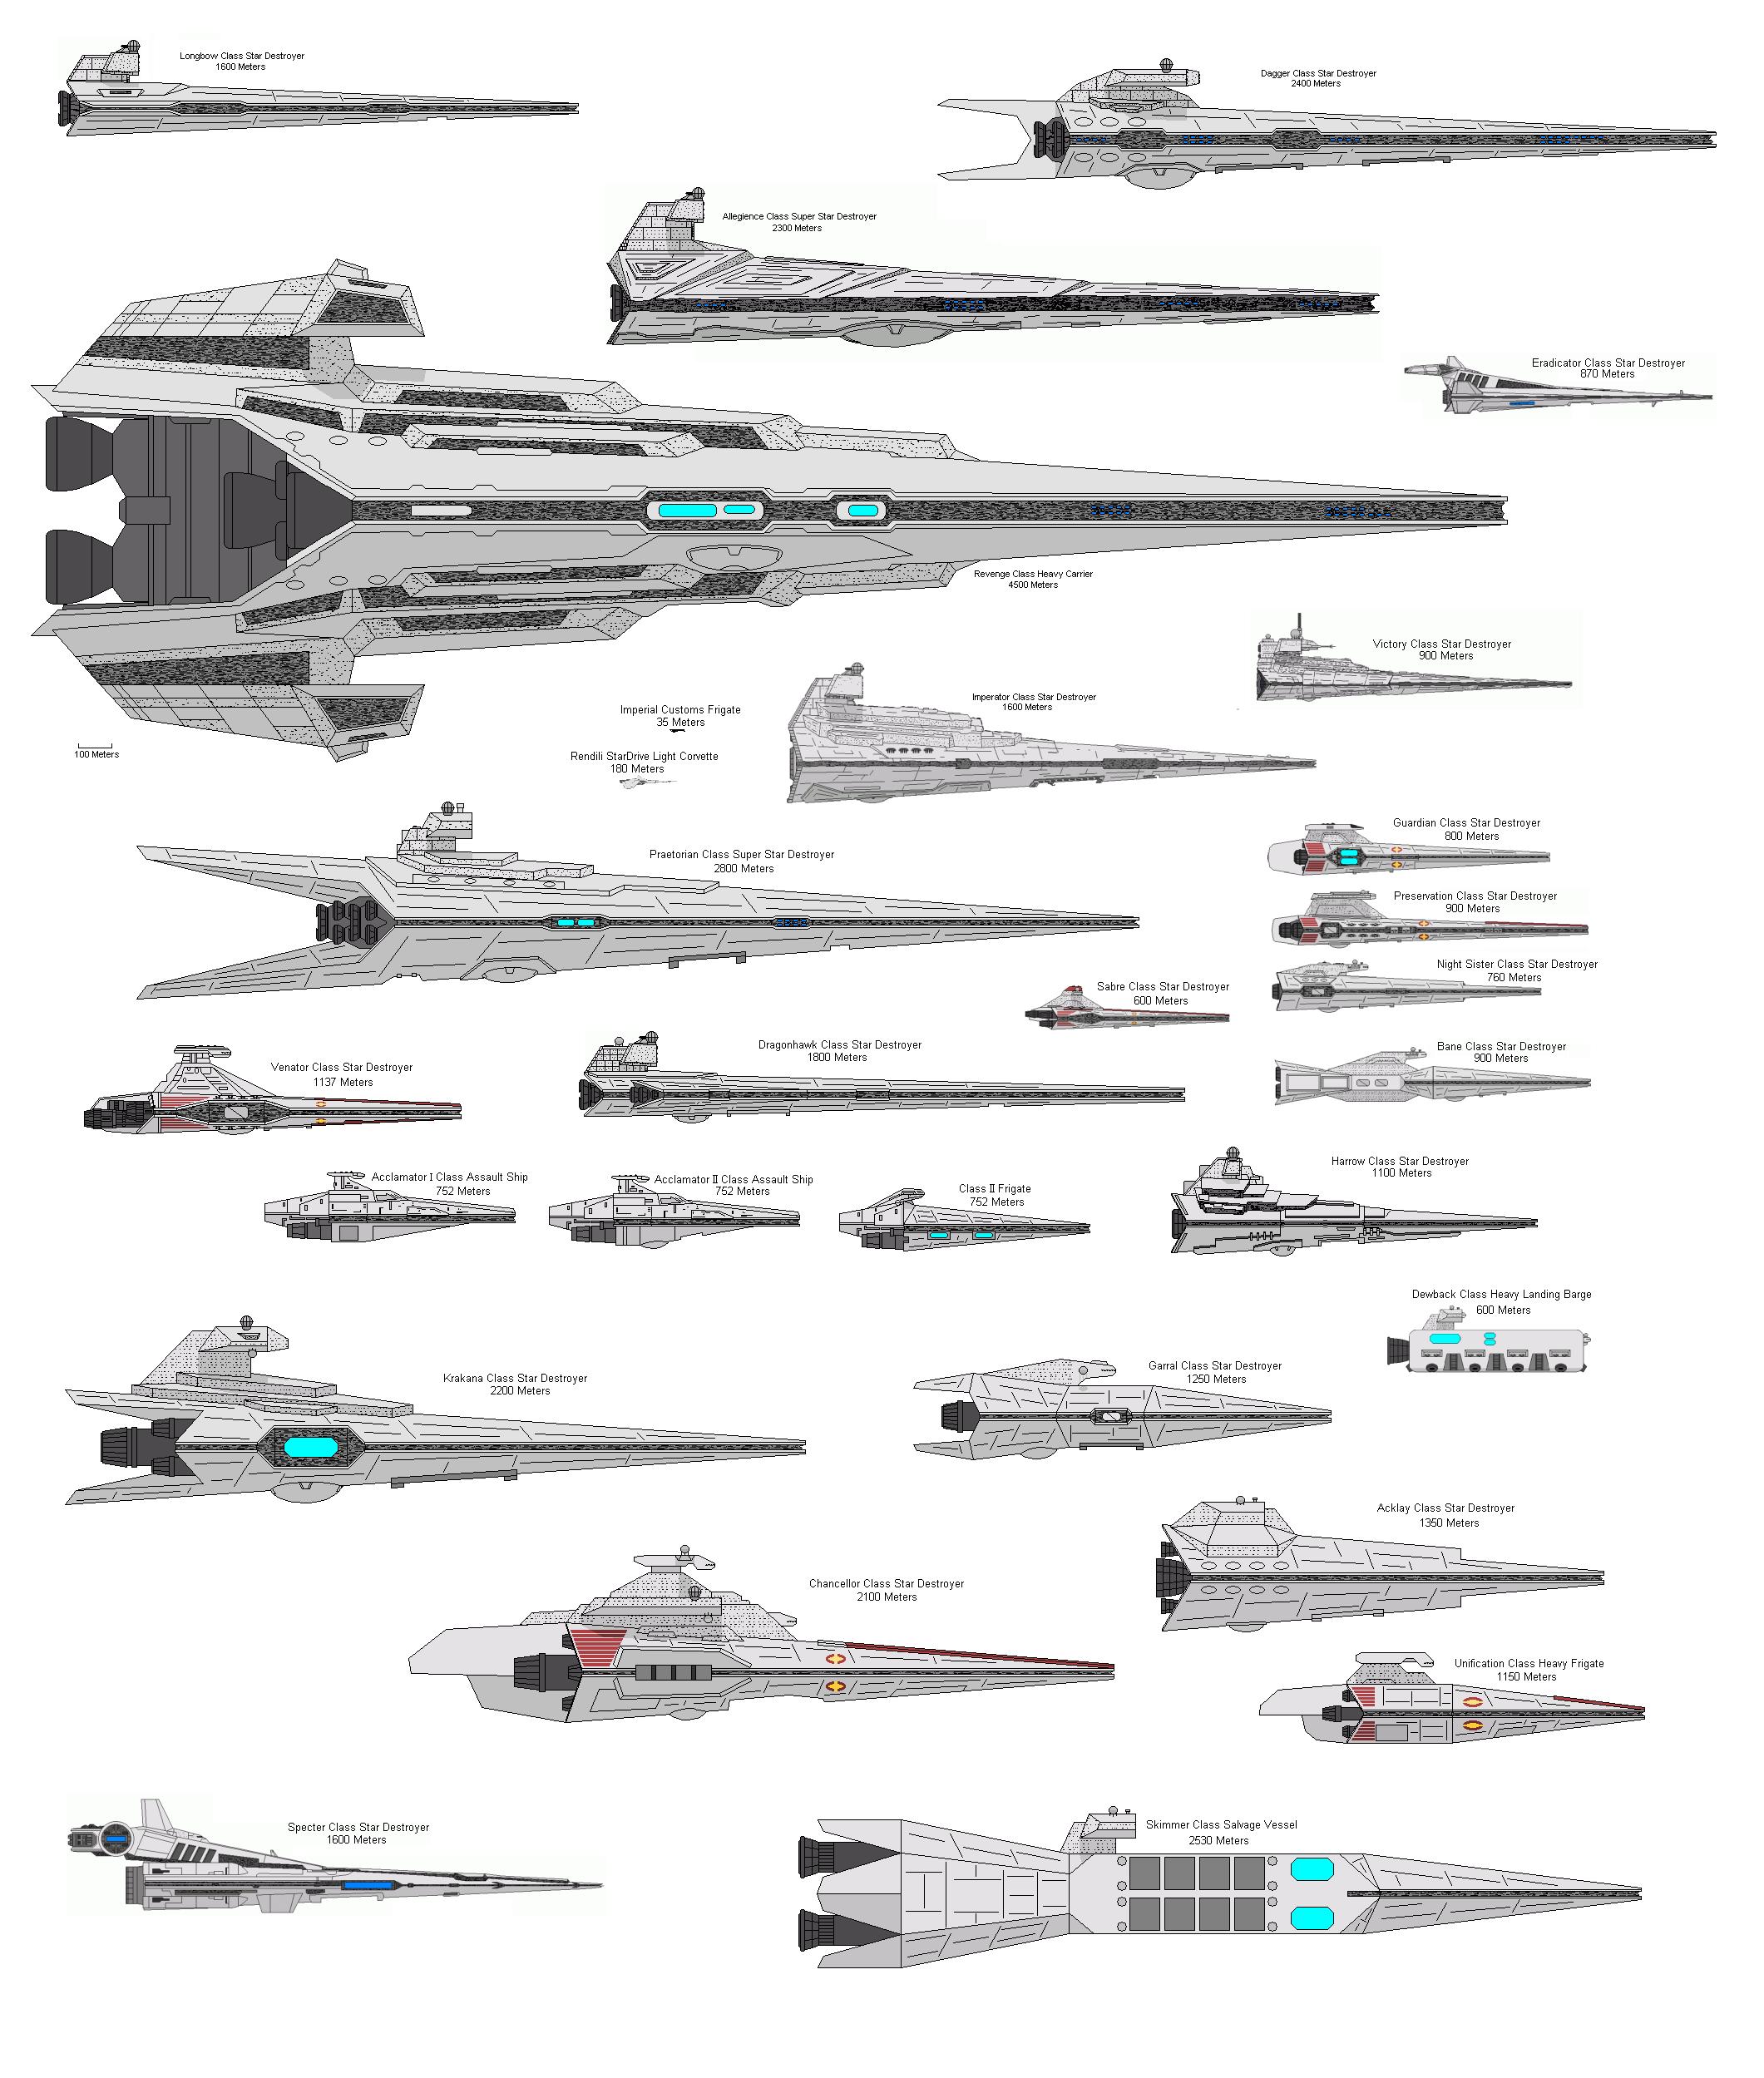 star destroyer enterprise size comparison - photo #29